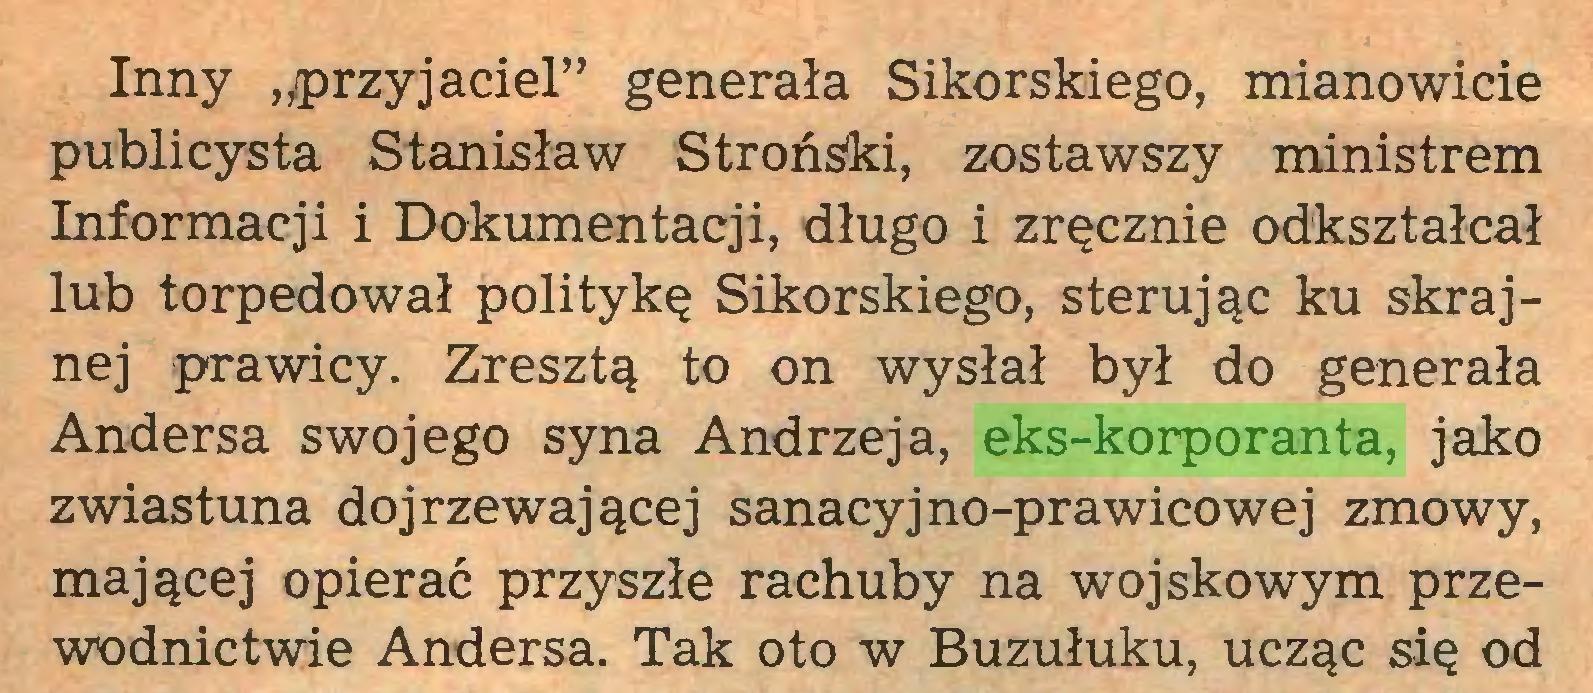 """(...) Inny """"przyjaciel"""" generała Sikorskiego, mianowicie publicysta Stanisław Stroński, zostawszy ministrem Informacji i Dokumentacji, długo i zręcznie odkształcał lub torpedował politykę Sikorskiego, sterując ku skrajnej prawicy. Zresztą to on wysłał był do generała Andersa swojego syna Andrzeja, eks-korporanta, jako zwiastuna dojrzewającej sanacyjno-prawicowej zmowy, mającej opierać przyszłe rachuby na wojskowym przewodnictwie Andersa. Tak oto w Buzułuku, ucząc się od..."""